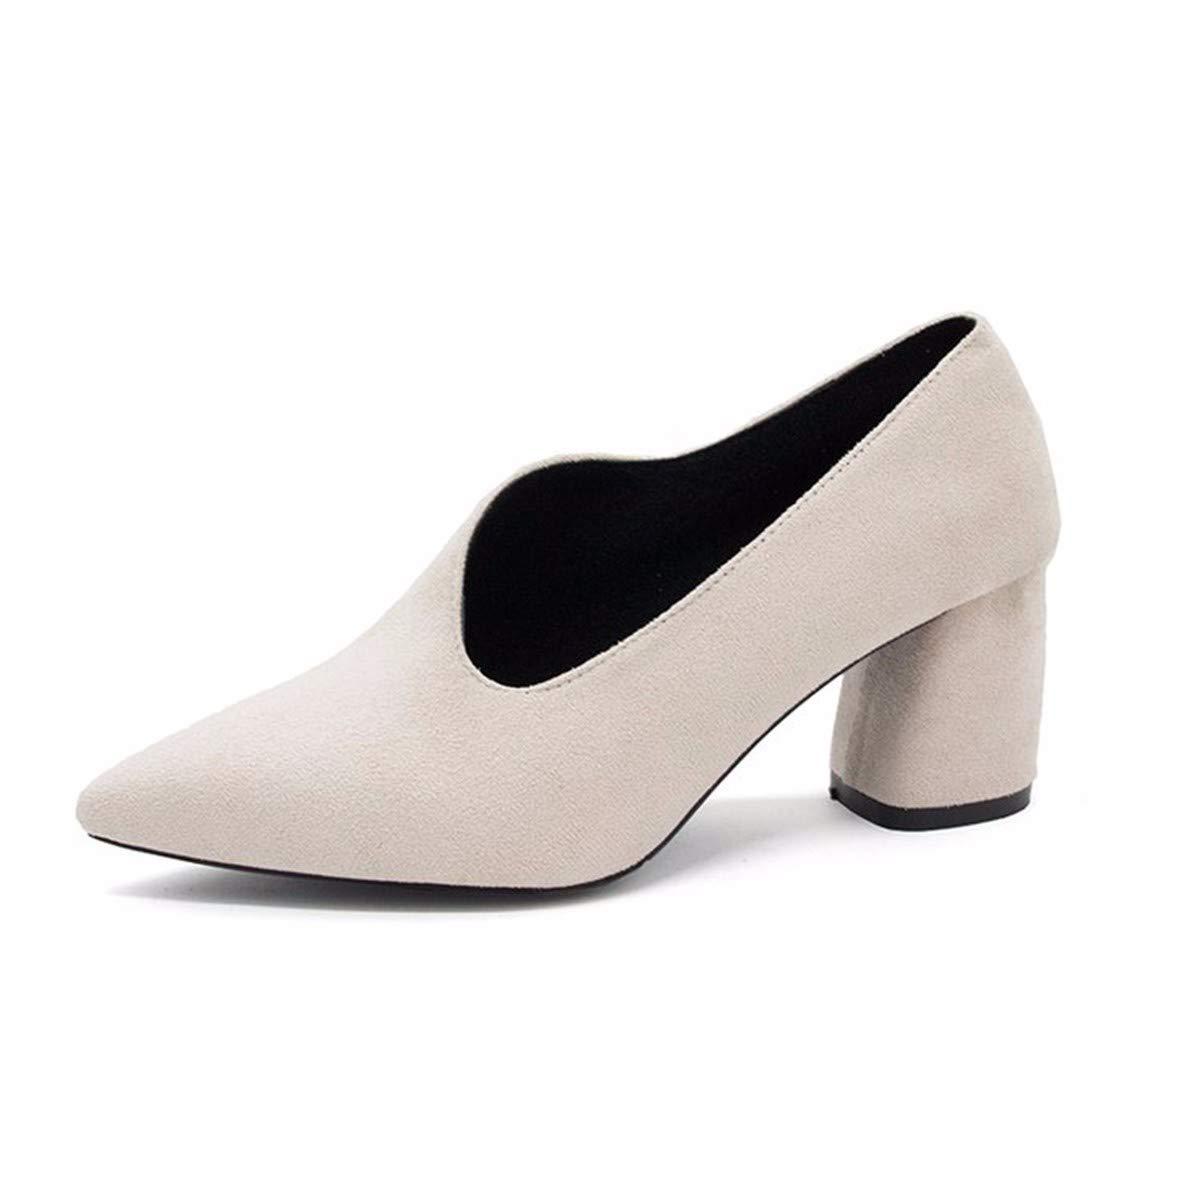 GTVERNH Damenschuhe/Mode/Grobe mit Einem Spitzen Schuh Ein Paar Schuhe aus Mitte Damenschuhe Im Frühjahr.